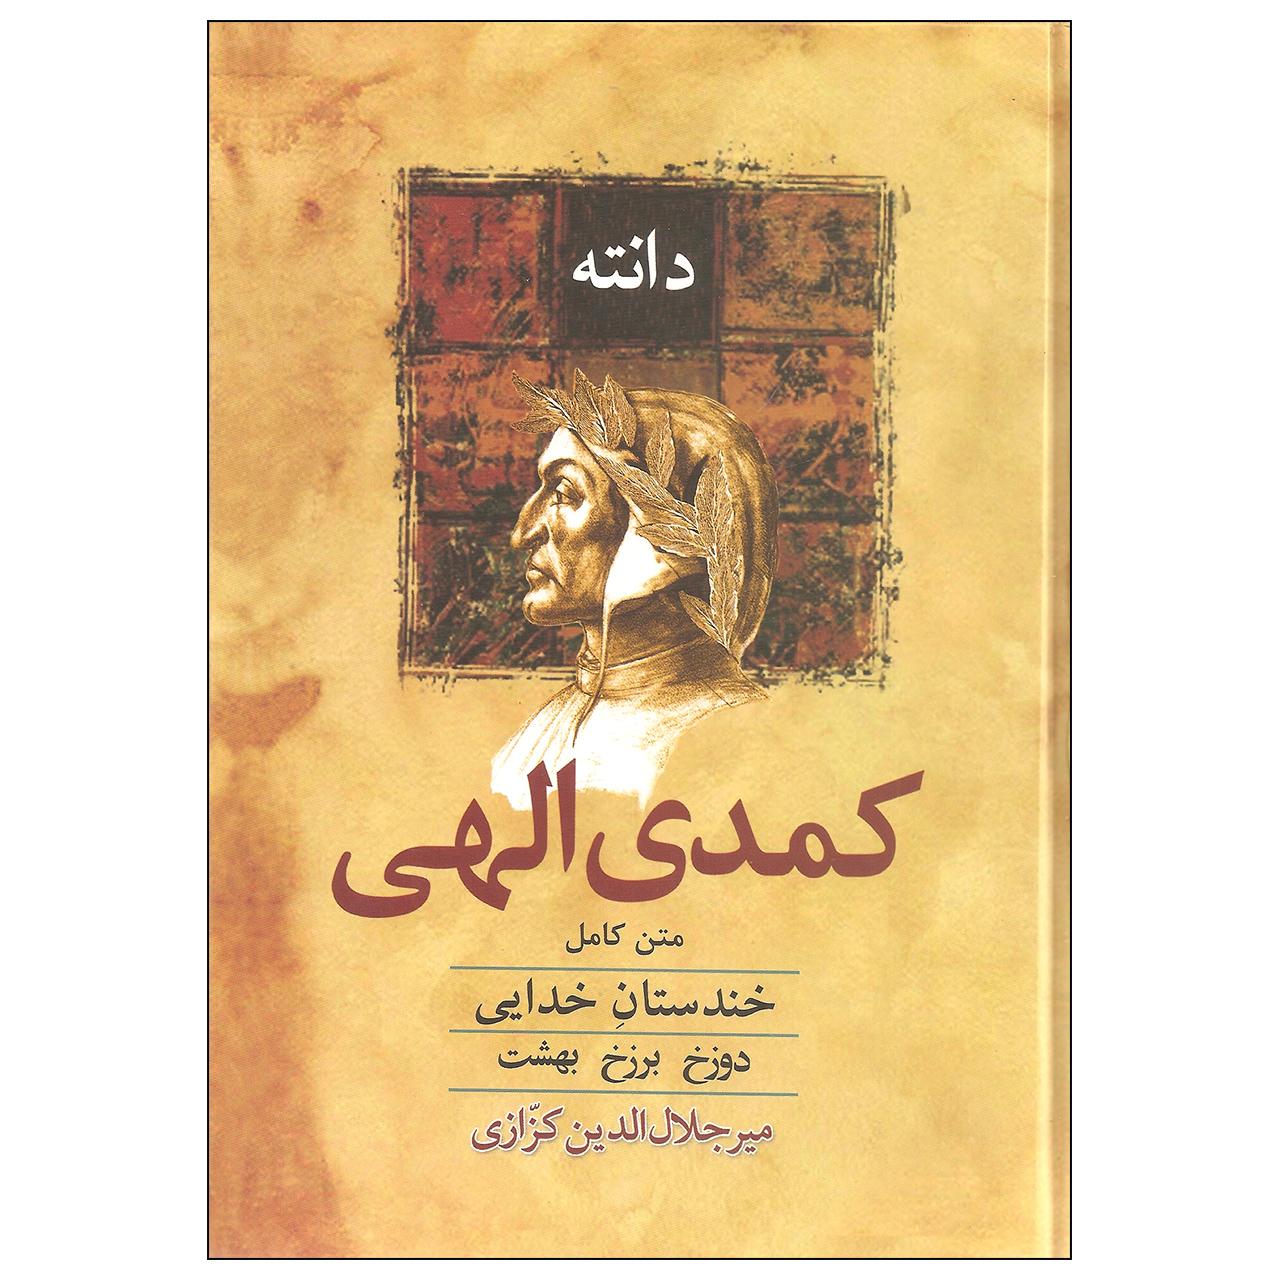 کتاب کمدی الهی اثر دانته انتشارات معین